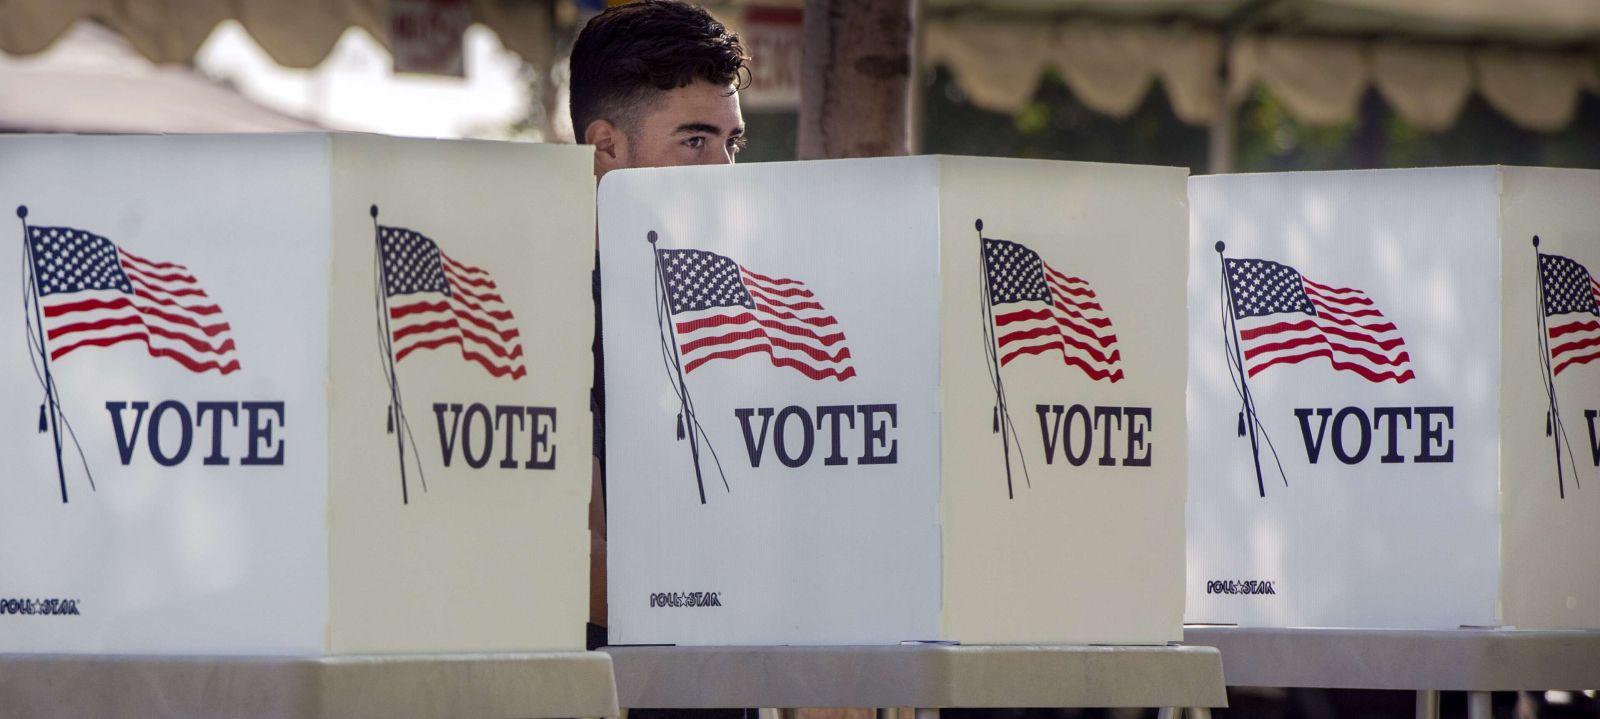 中期選舉是特朗普噩夢的開始?